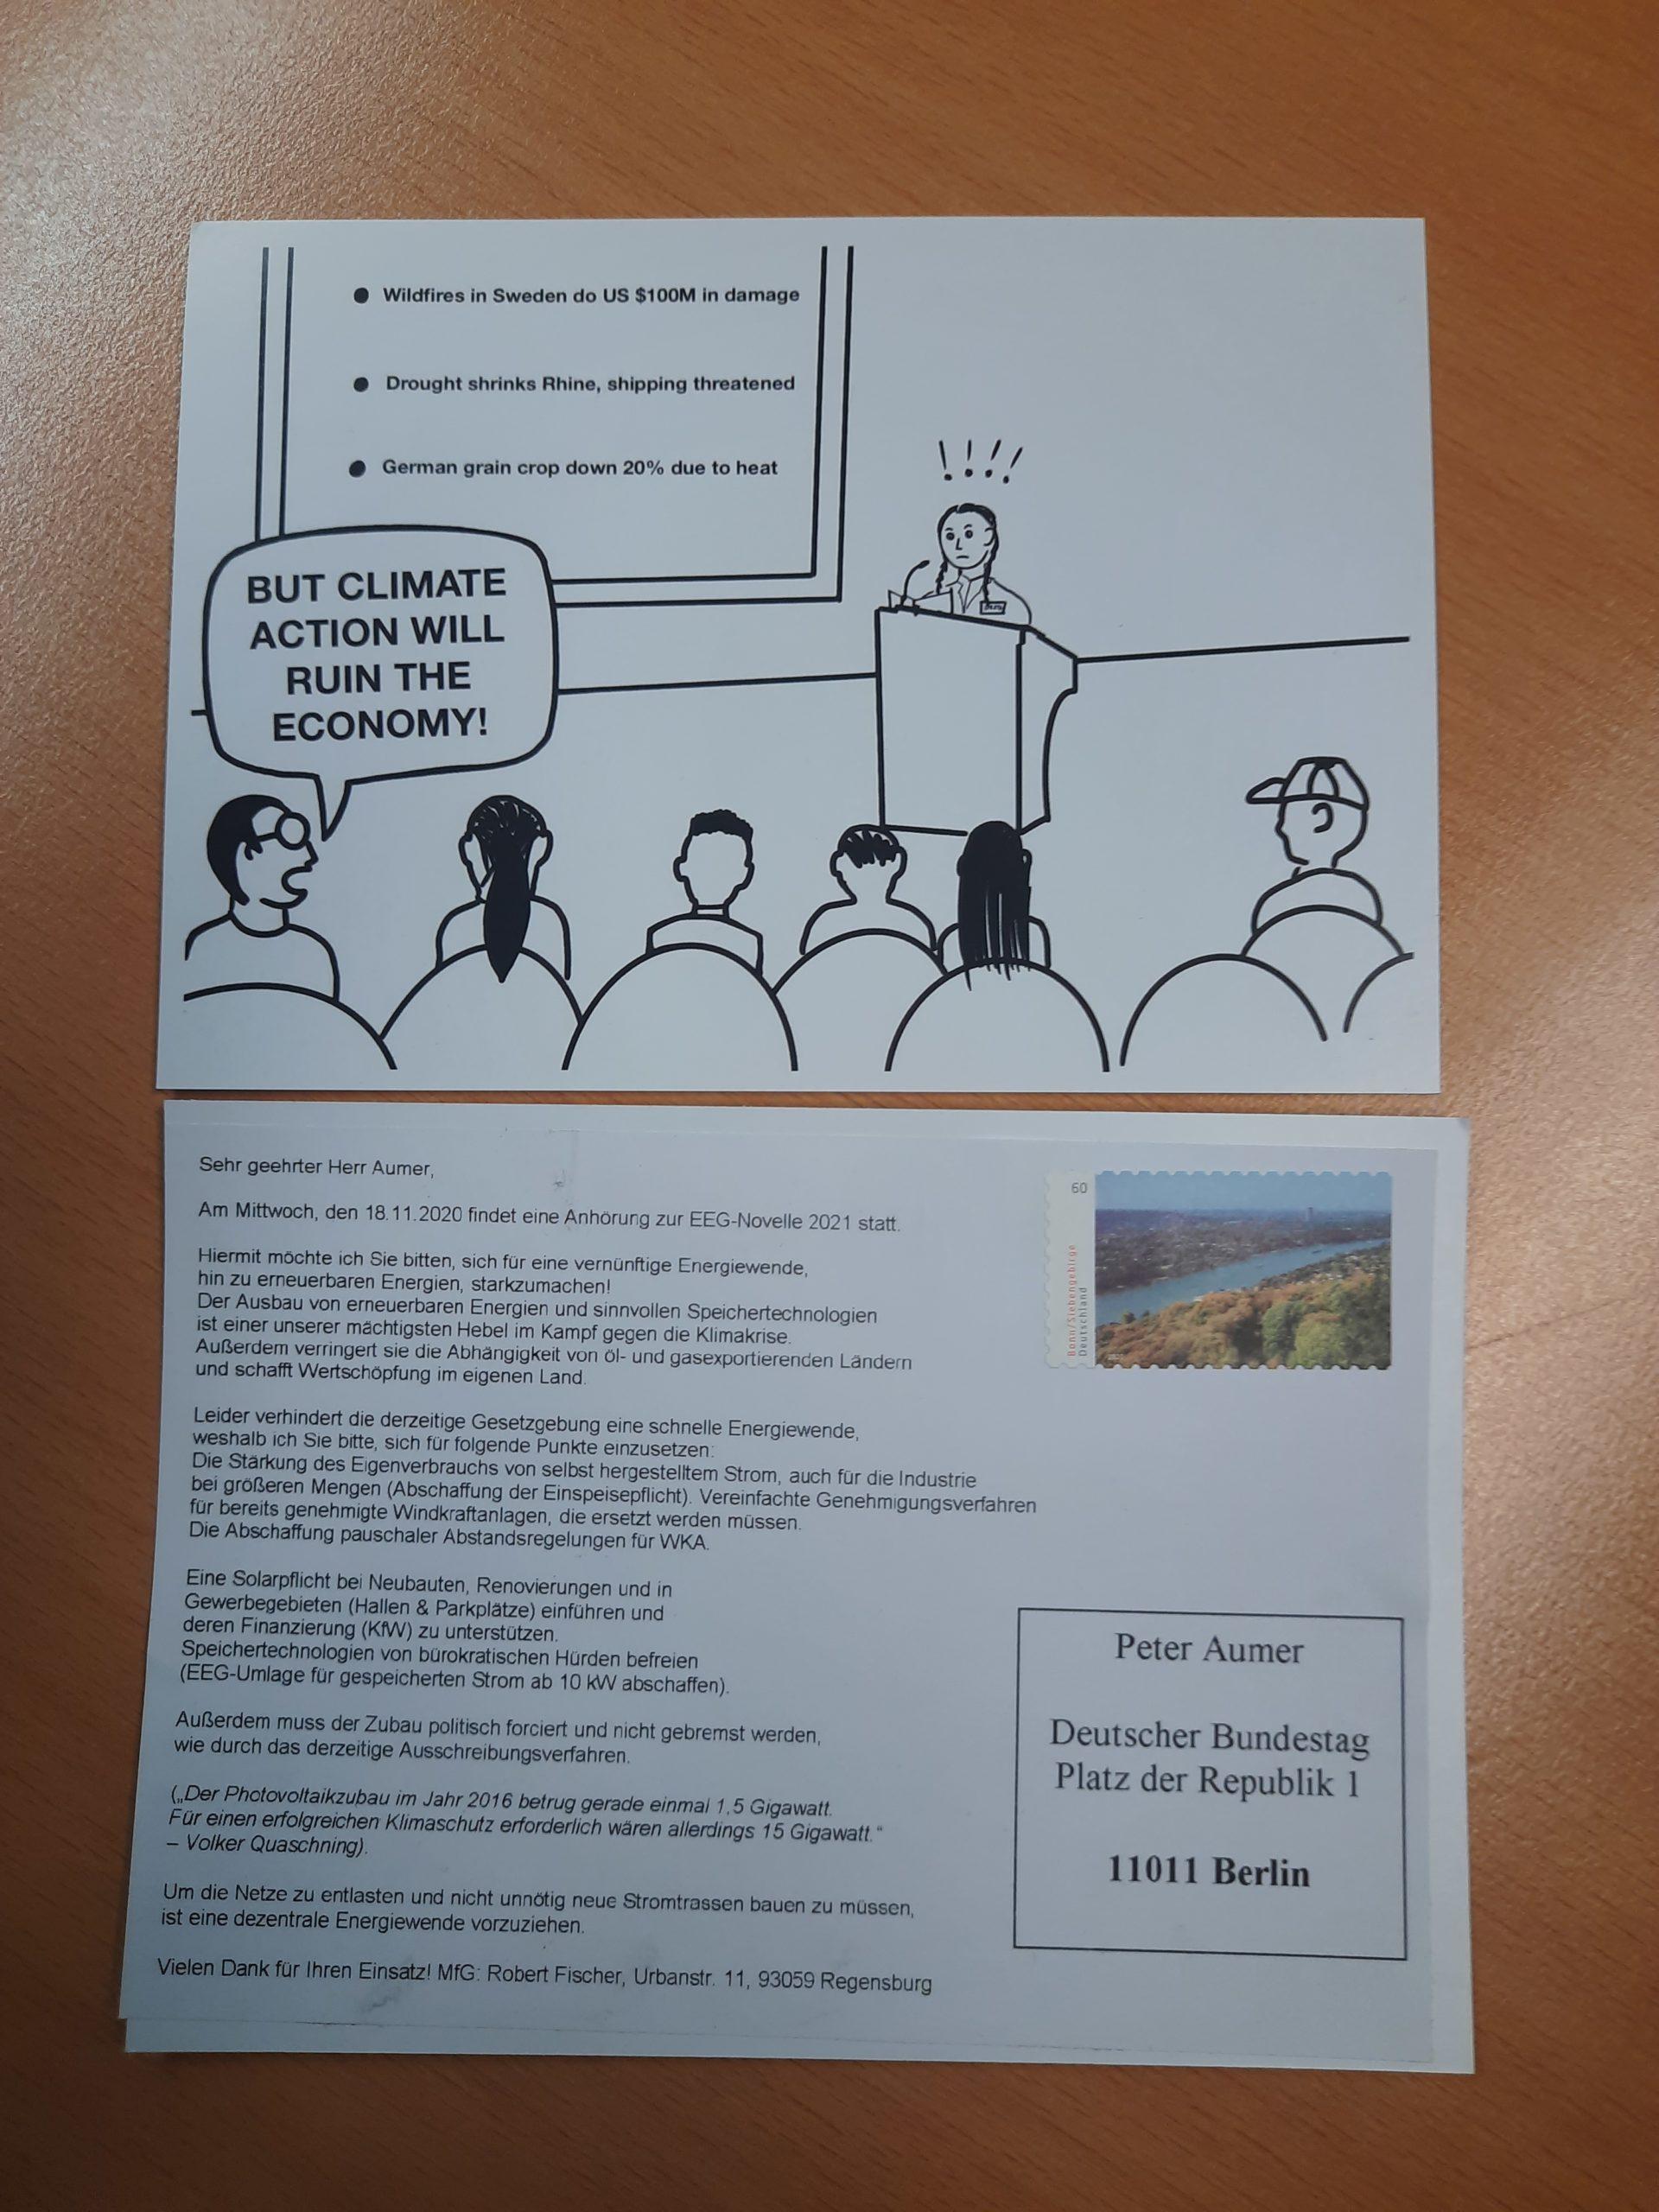 Greta-Postkarte mit EEG-Novellen-Text